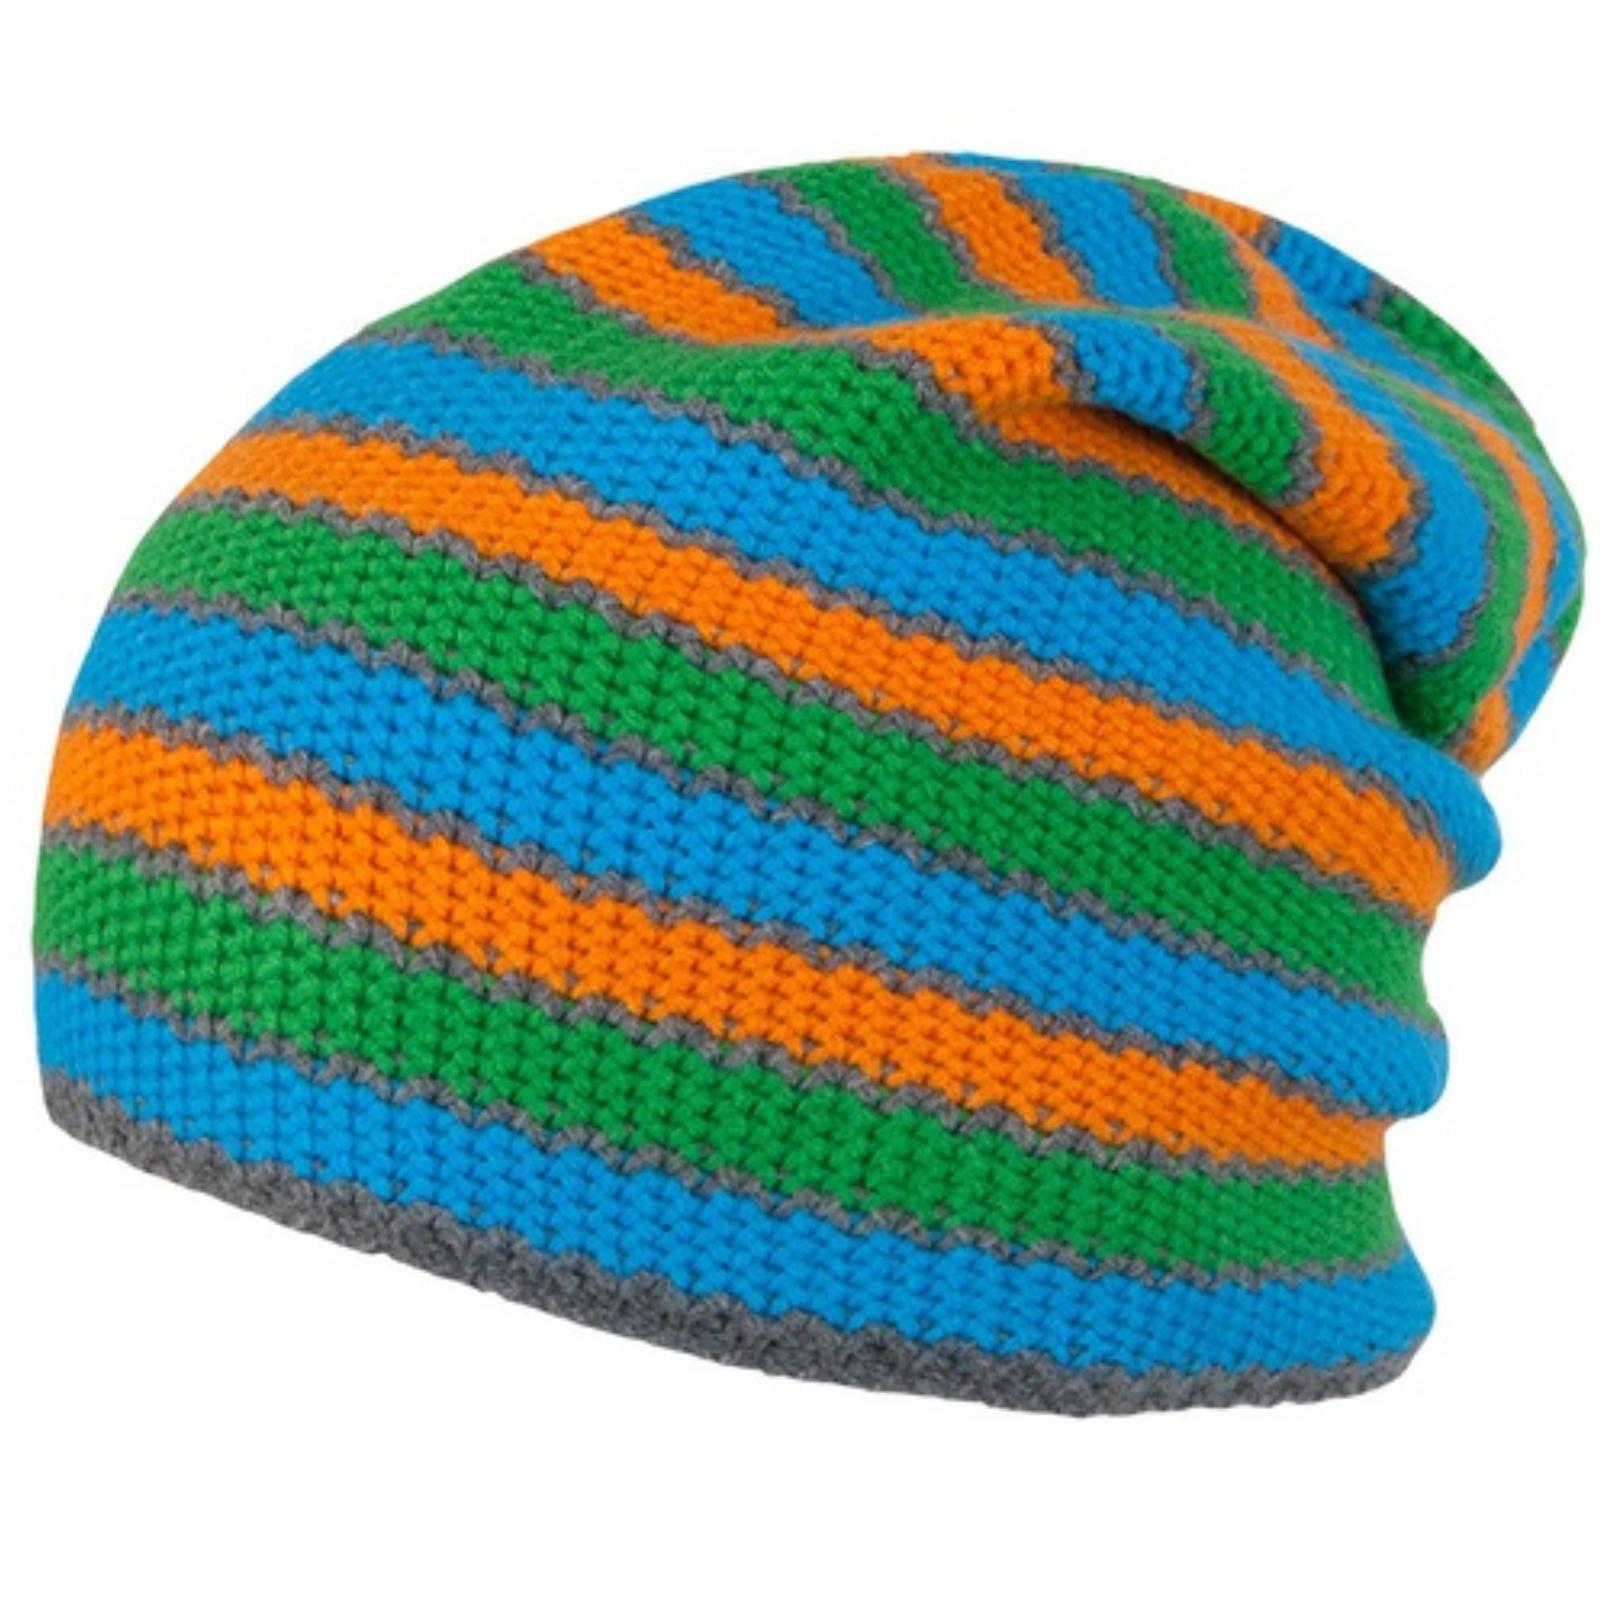 SENSOR STRIPES modrá-zelená-oranžová